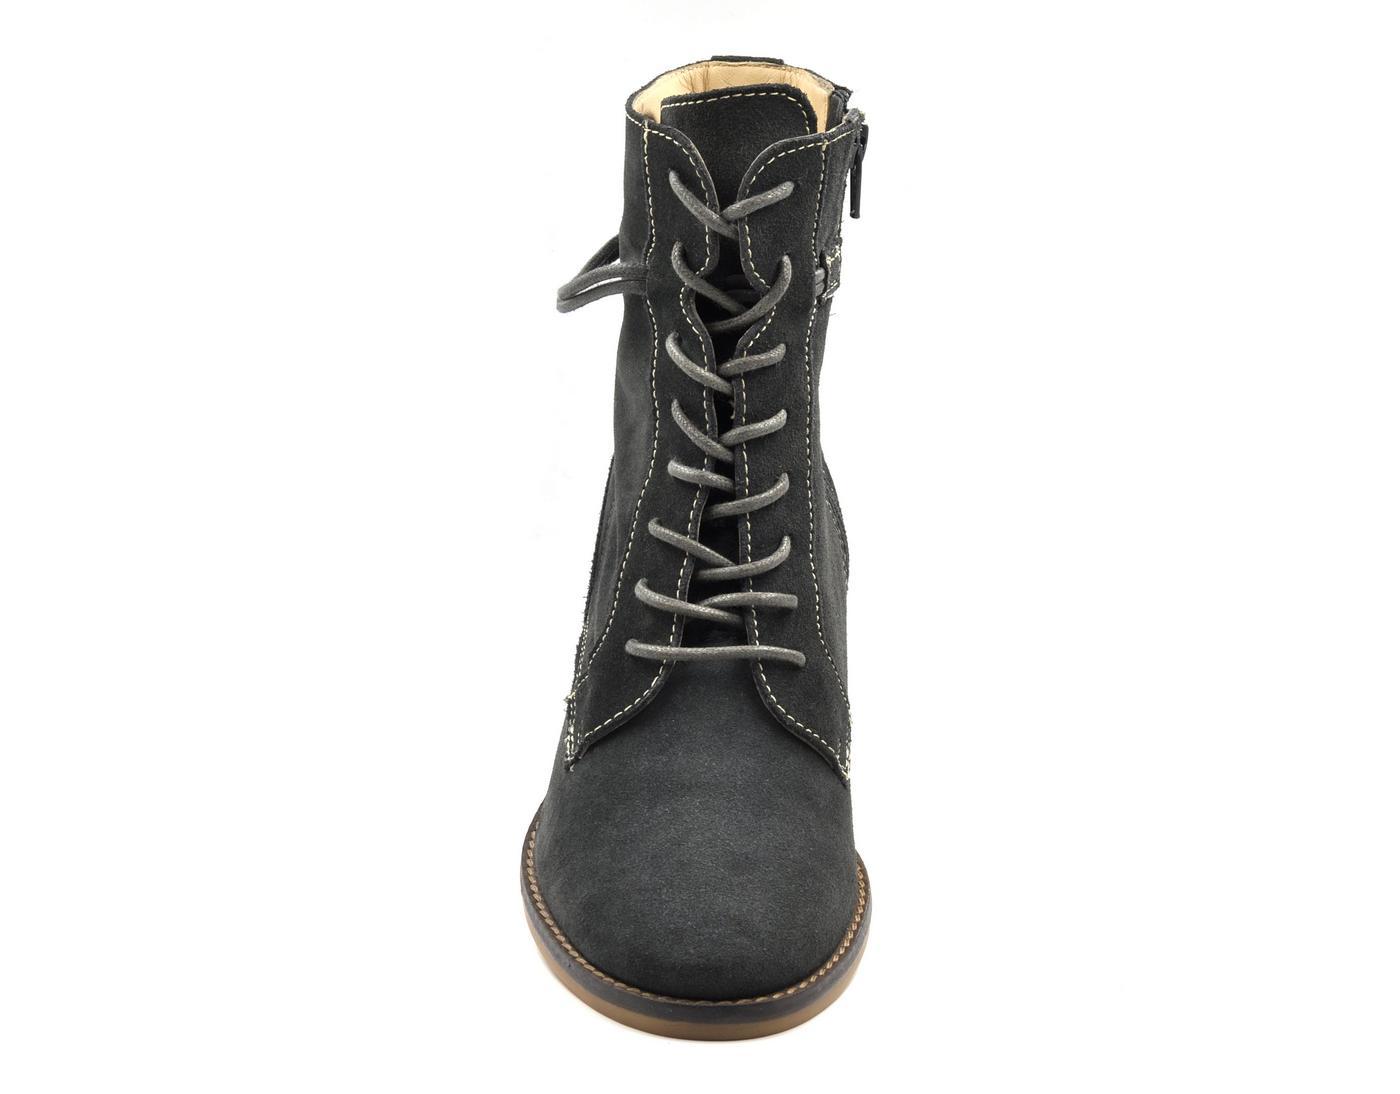 3025ed6f069 Γυναικείο μποτάκι 6115 γκρι σκούρο - tatogloushoes.gr